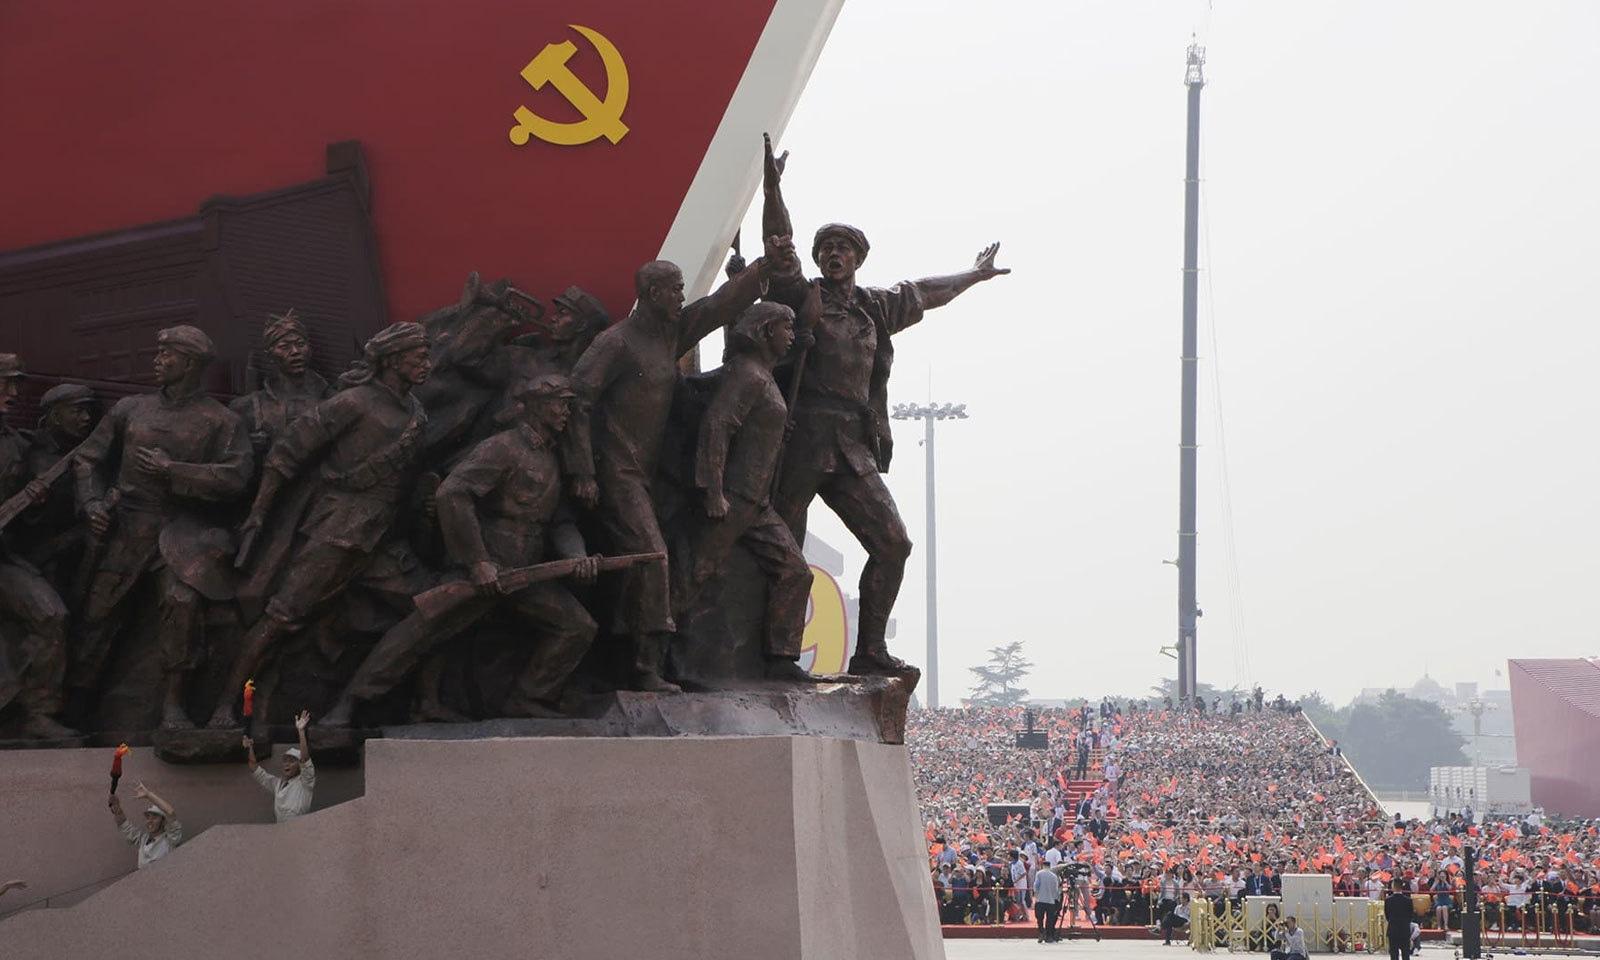 تیانانمن یا گیٹ آف ہیوینلی پیس کے مقام پر ماؤ زے تنگ نے آج ہی کے روز 1949 میں عوامی جمہوریہ چین کی بنیاد رکھی تھی — فوٹو: رائٹرز